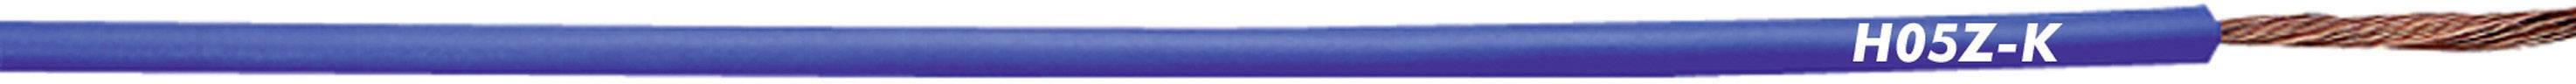 Opletenie / lanko LappKabel 4725042 H05Z-K, 1 x 0.75 mm², vonkajší Ø 2.30 mm, metrový tovar, červená